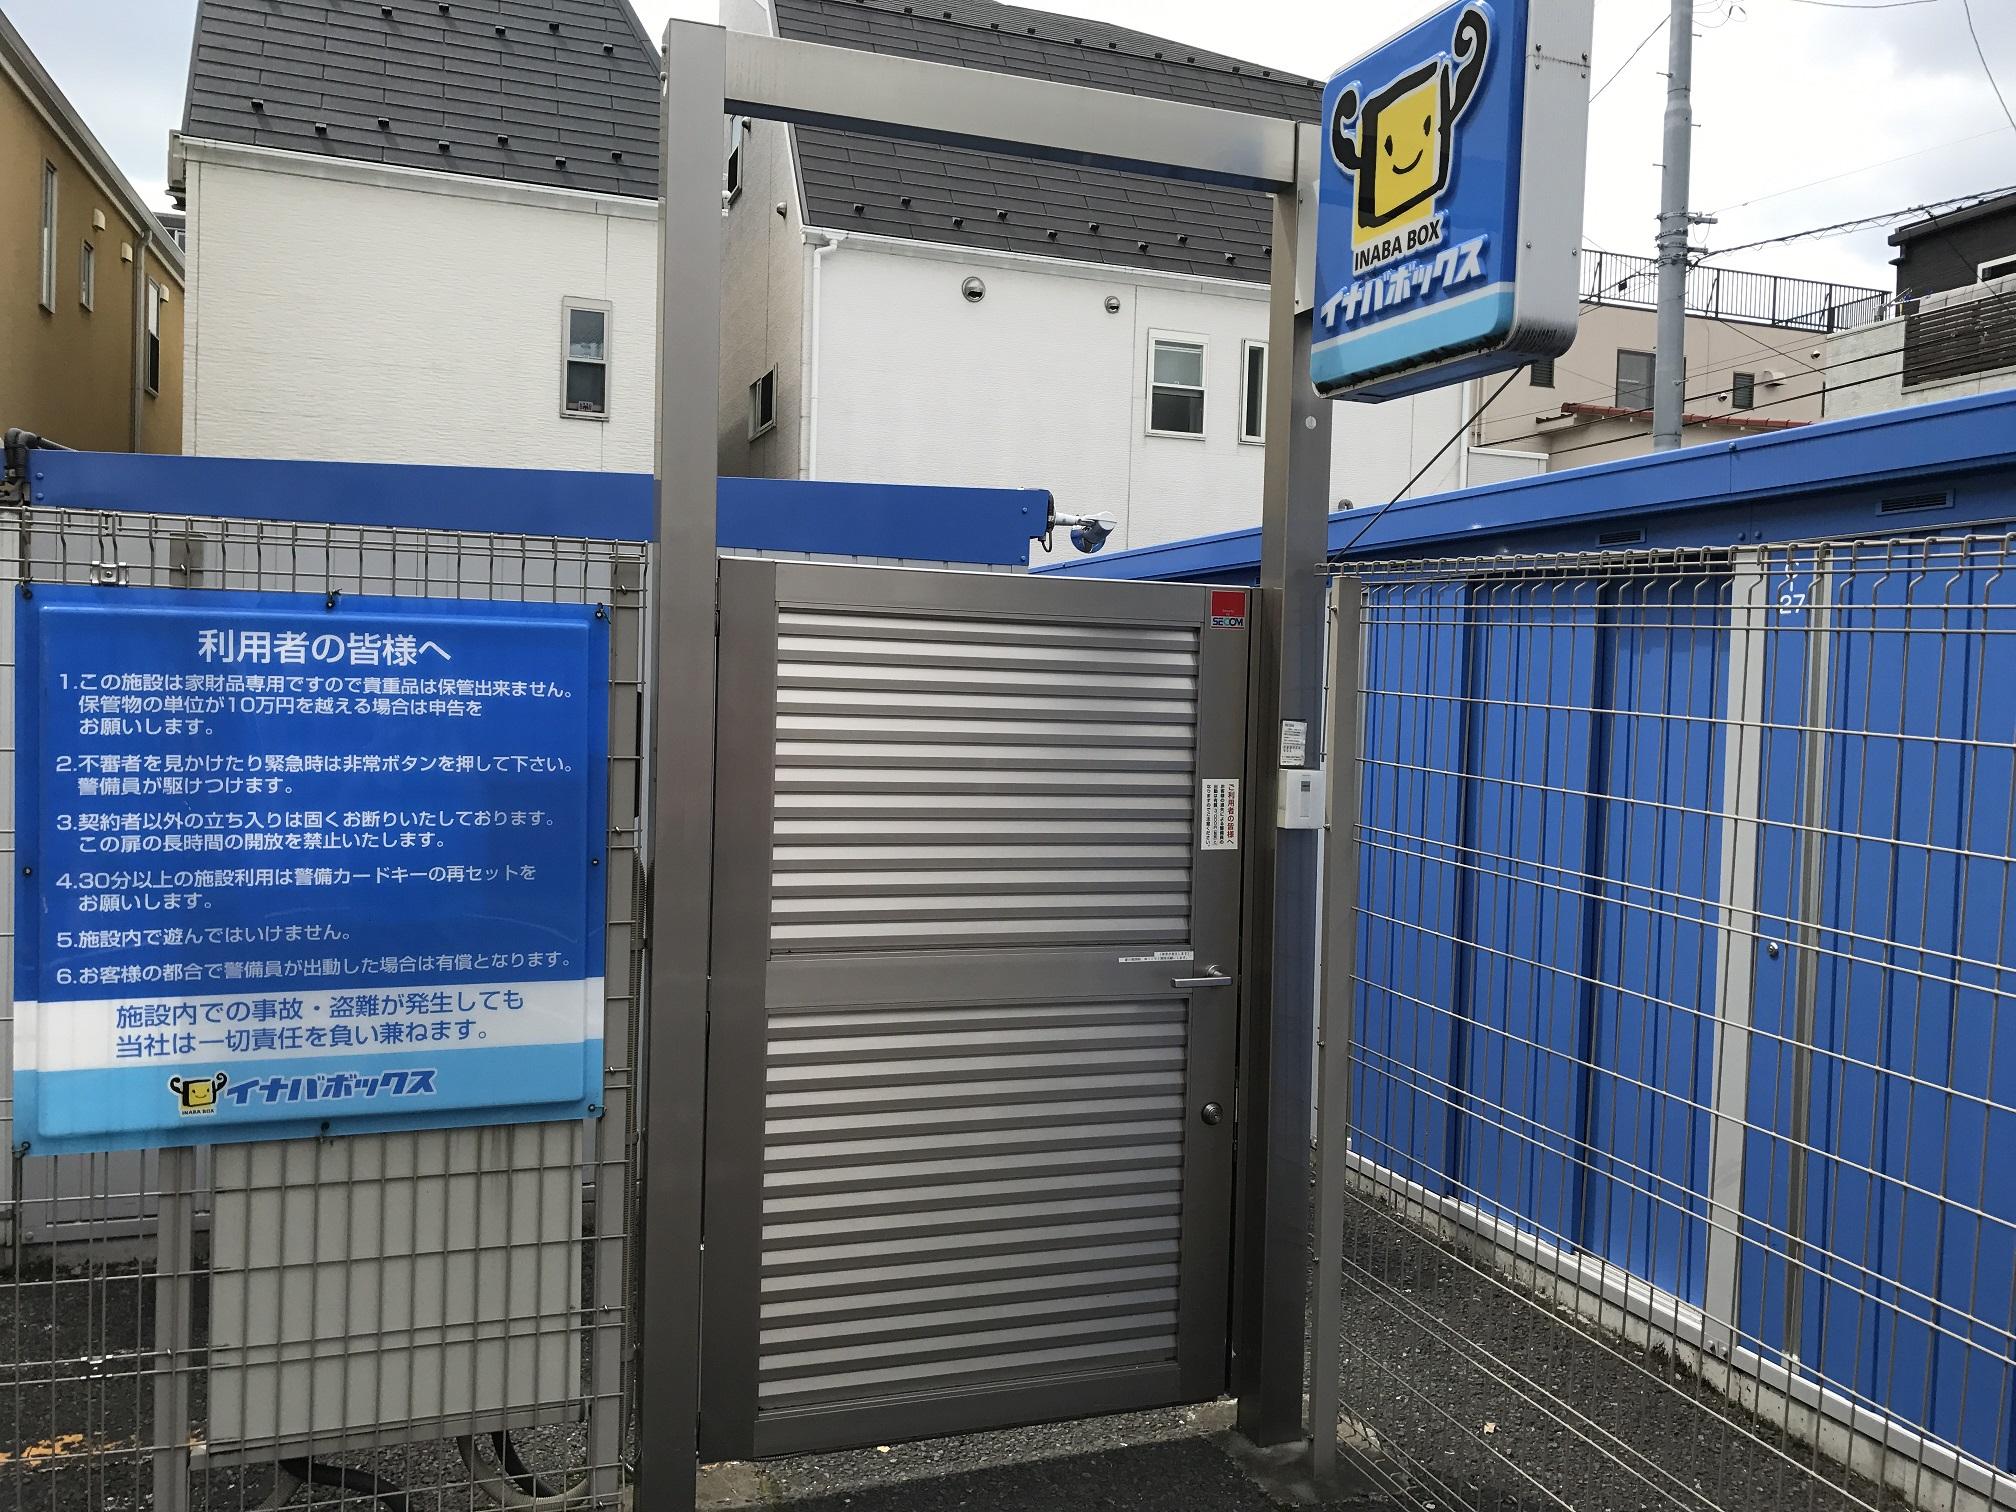 世田谷店 イナバボックスの青い看板が目印です